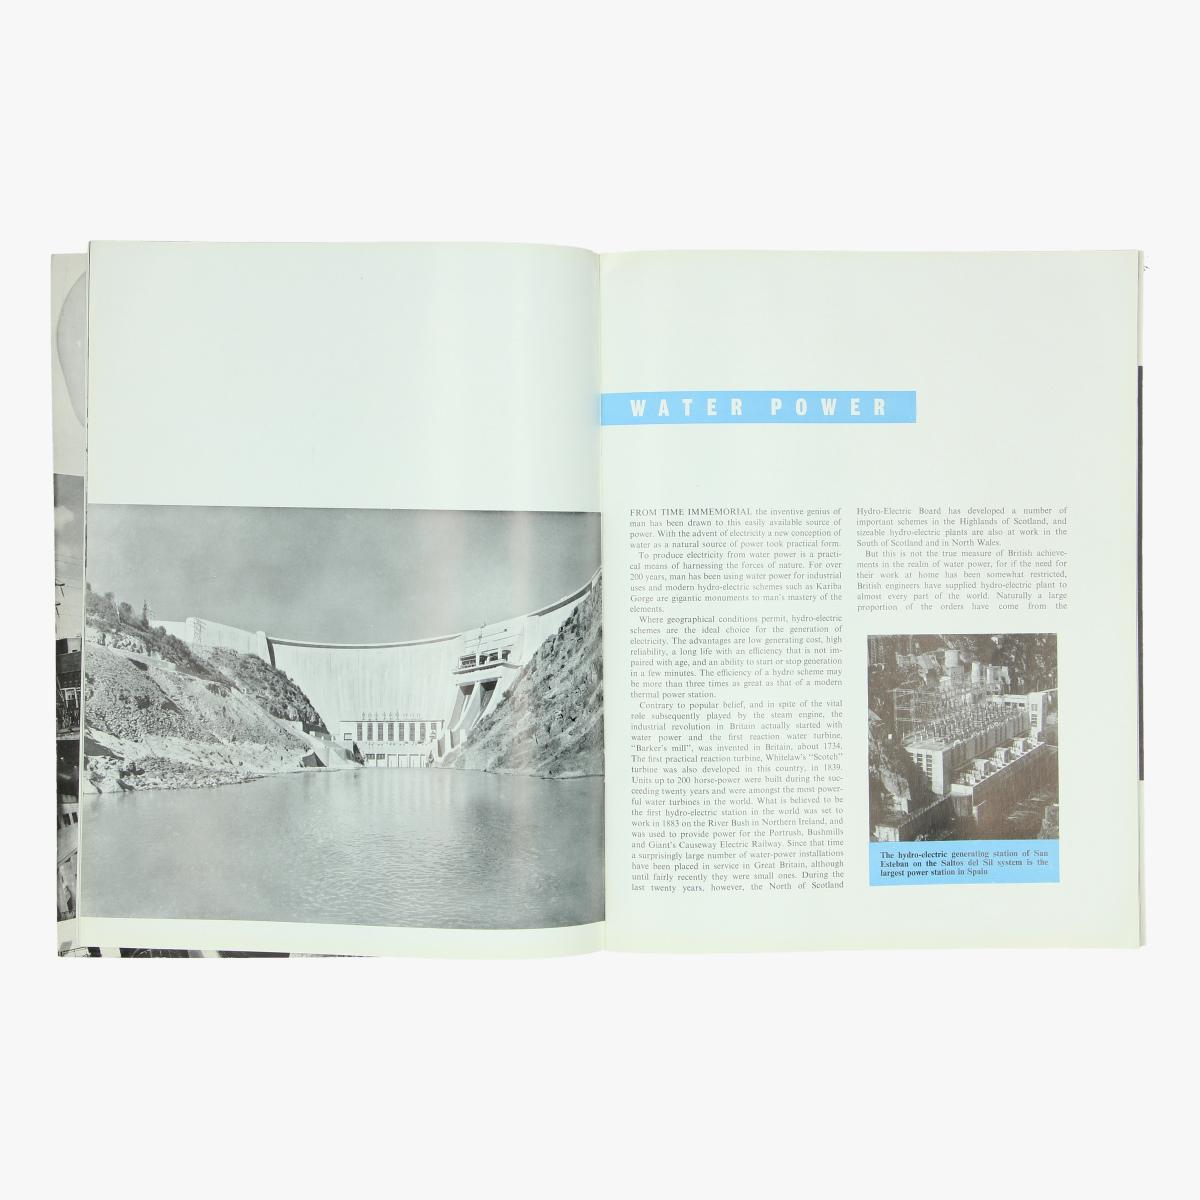 Afbeeldingen van expo 58 boekje serving the world british electrical and allied industry